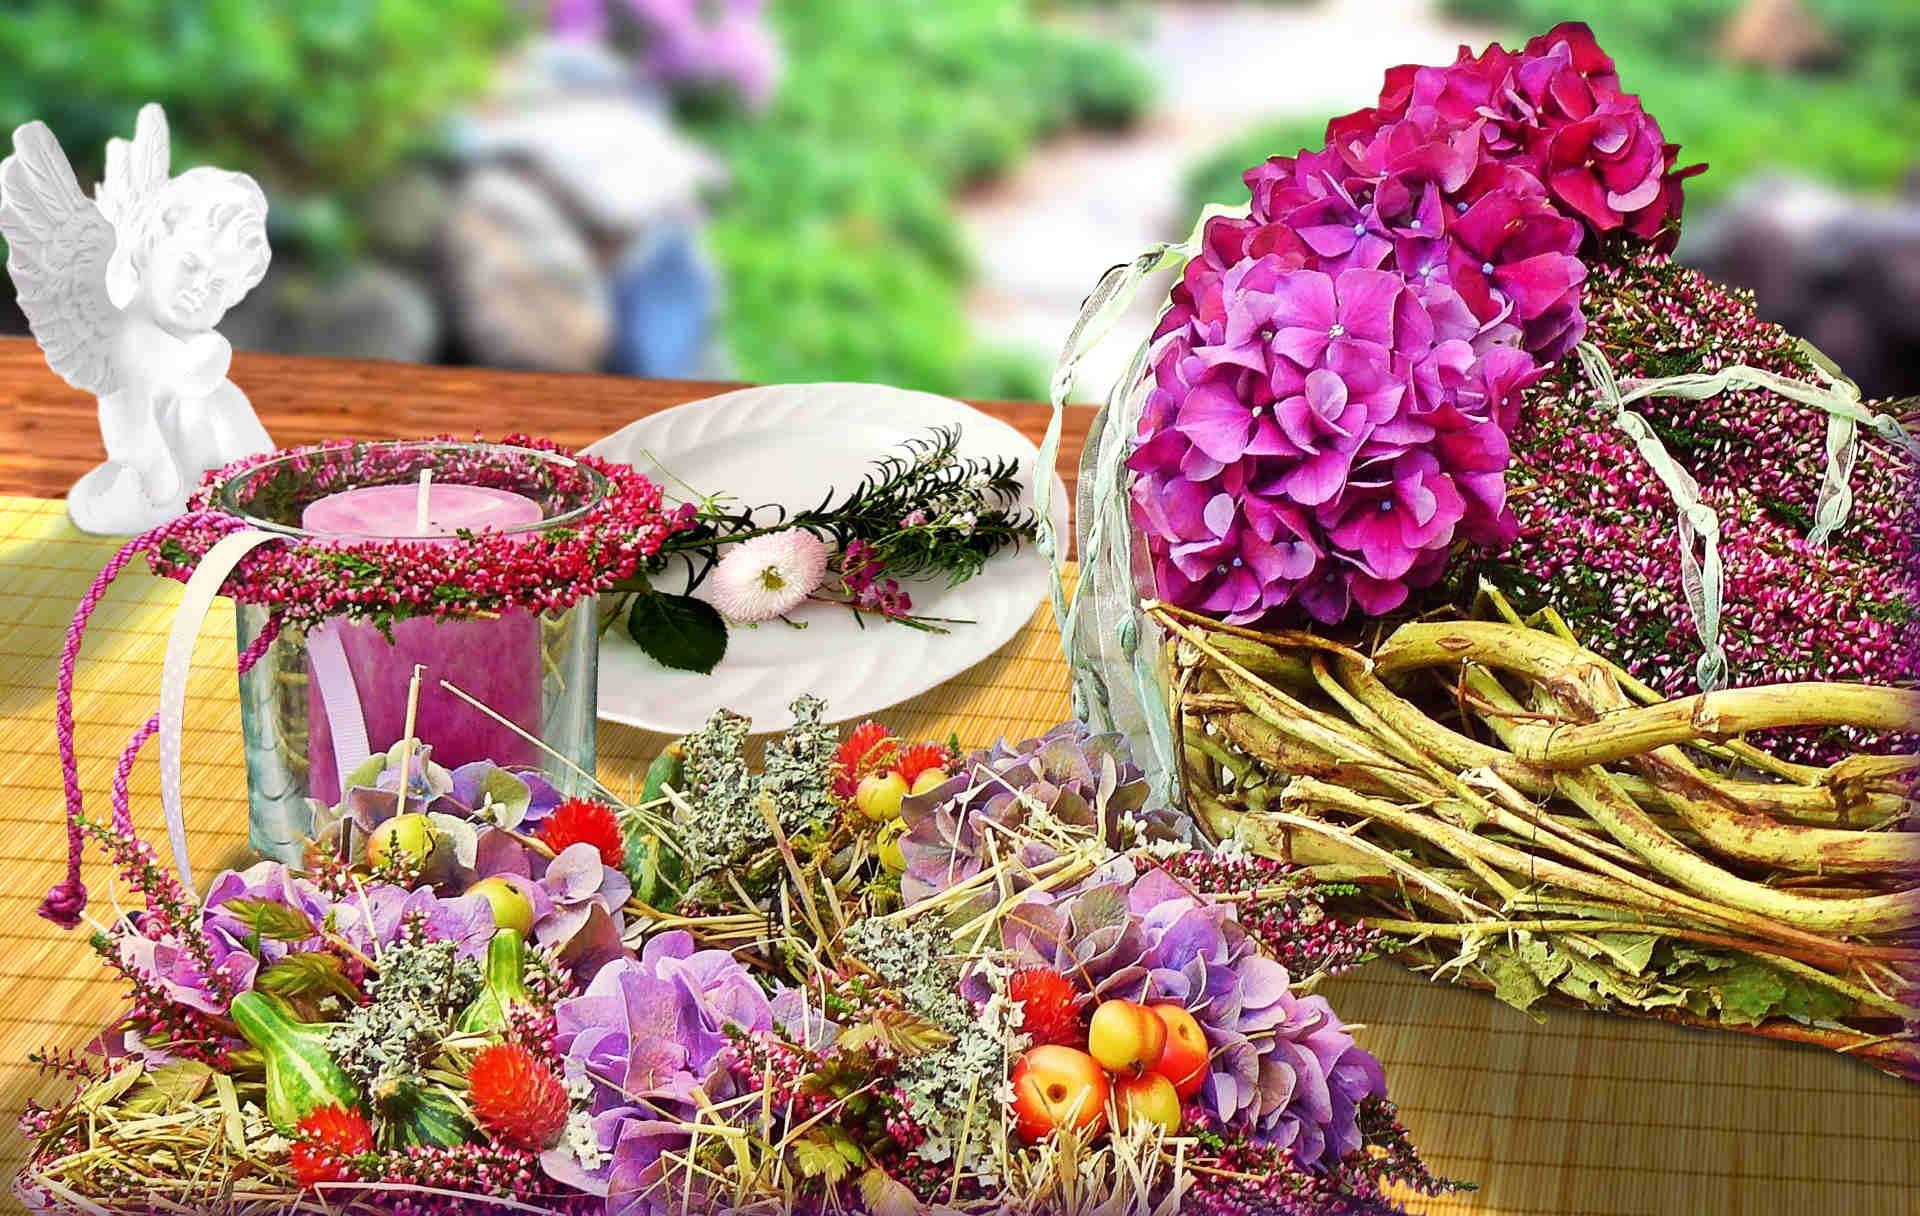 Comment réaliser une décoration de table fleurie avec un chemin de table en bambou naturel